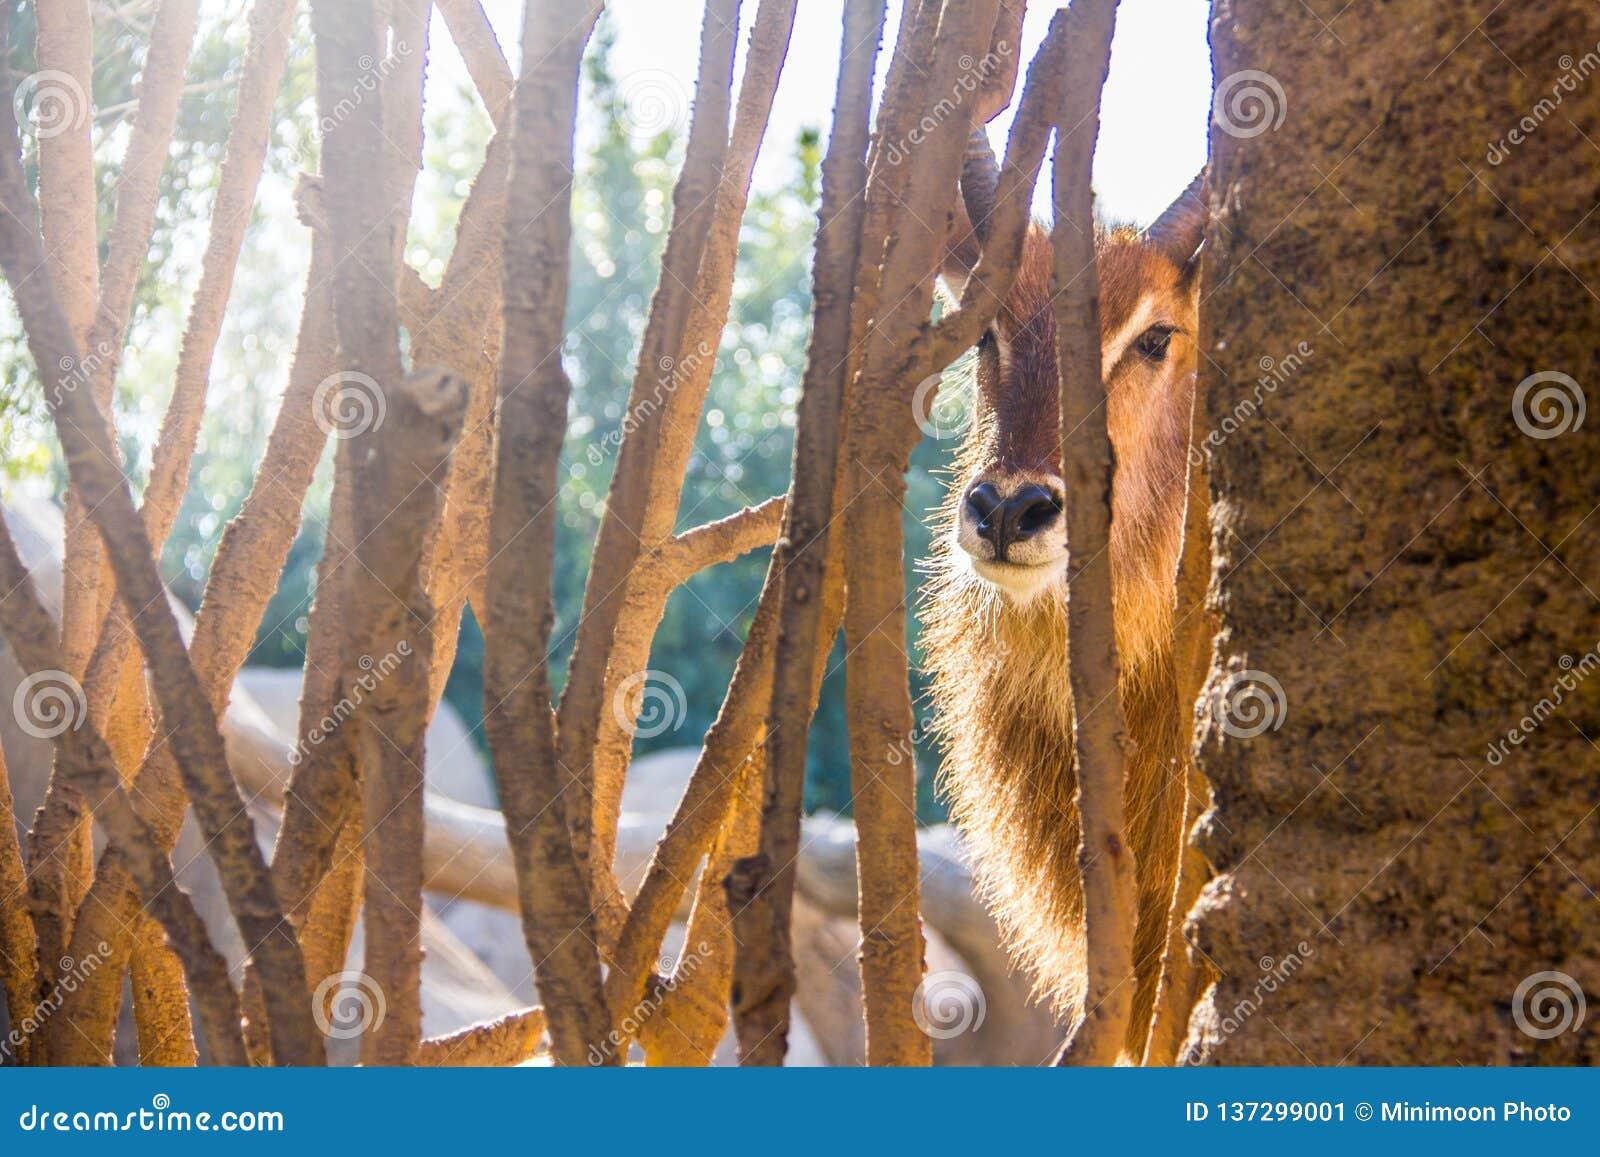 Waterbuck-Antilope, Kobus ellipsiprymnus, hinter einem hölzernen Zaun in einem Zoo